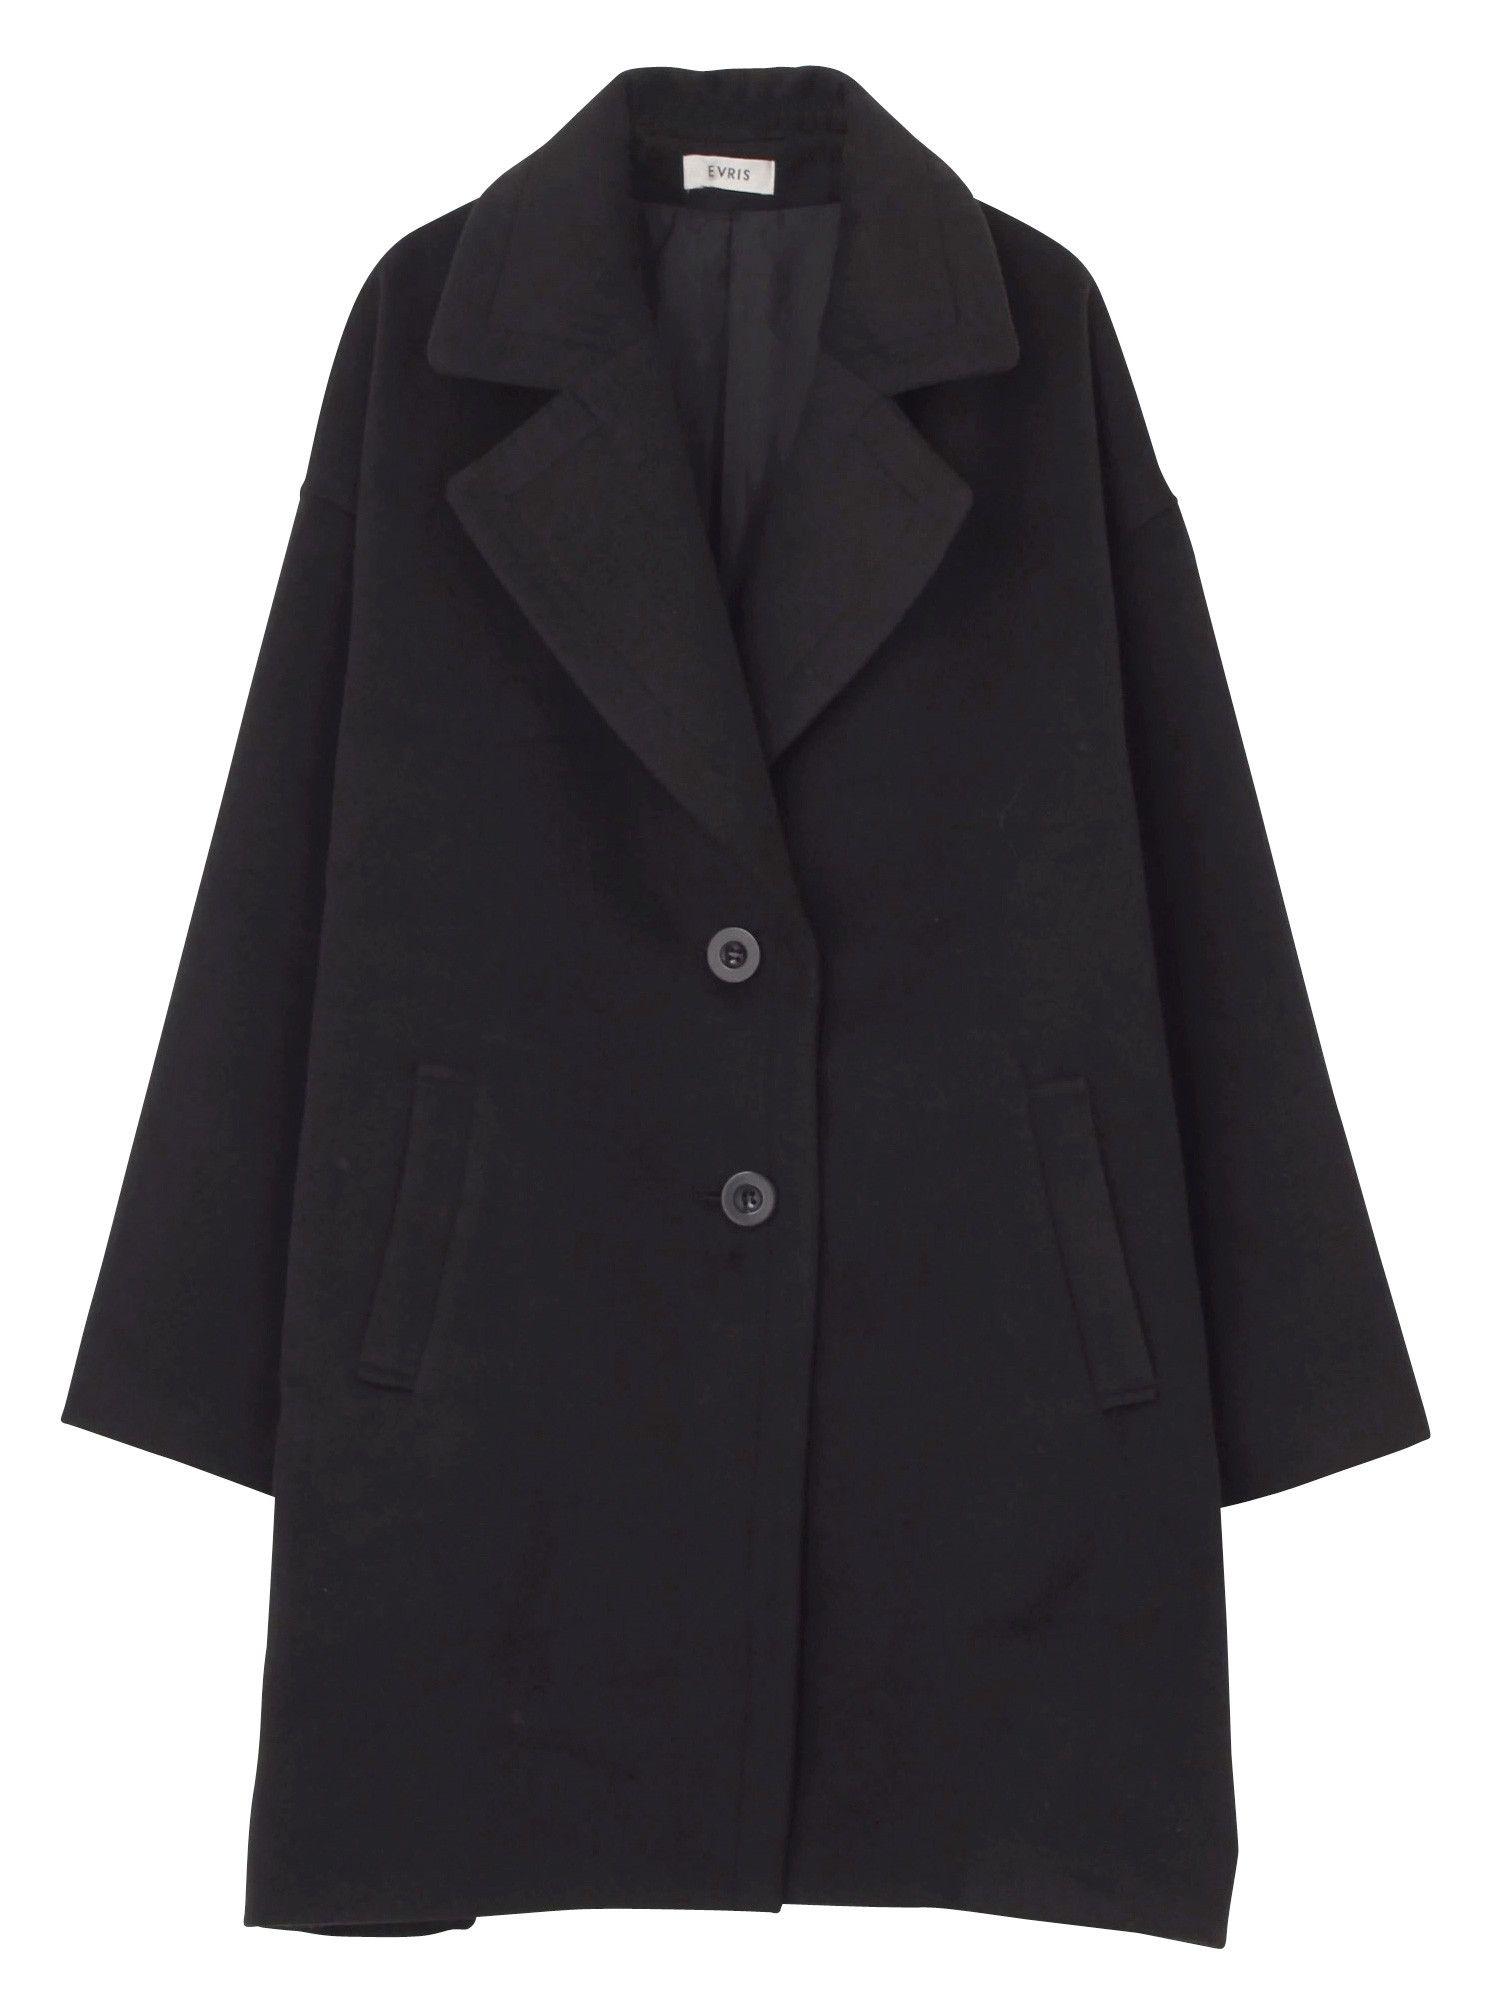 Fake Wool loose coat